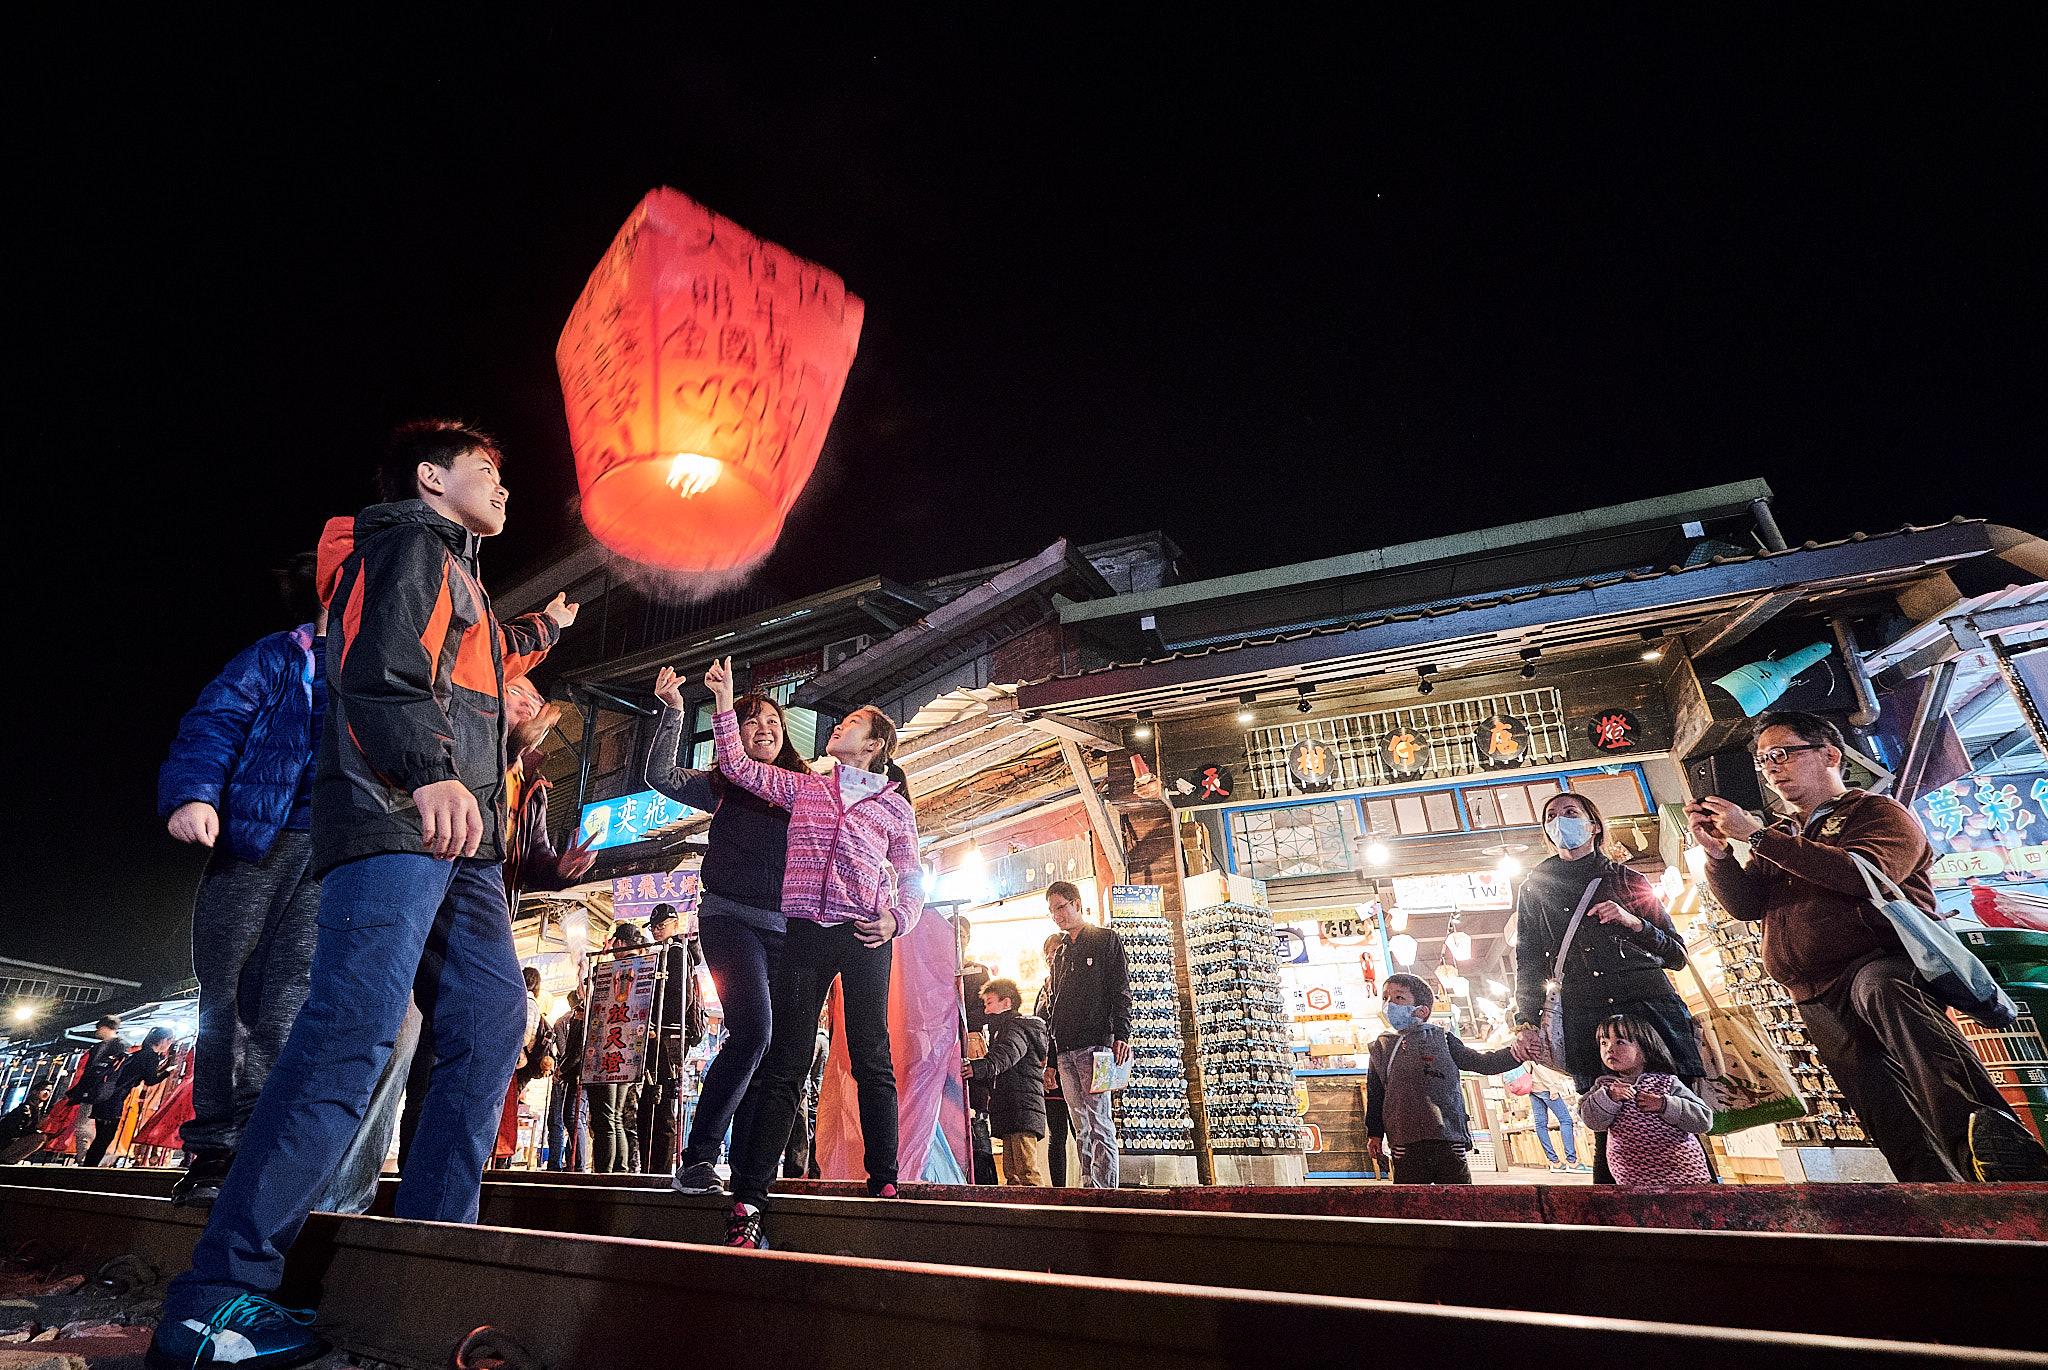 Red Lantern Festival. Fujifilm XT2 - XF10-24mmF4